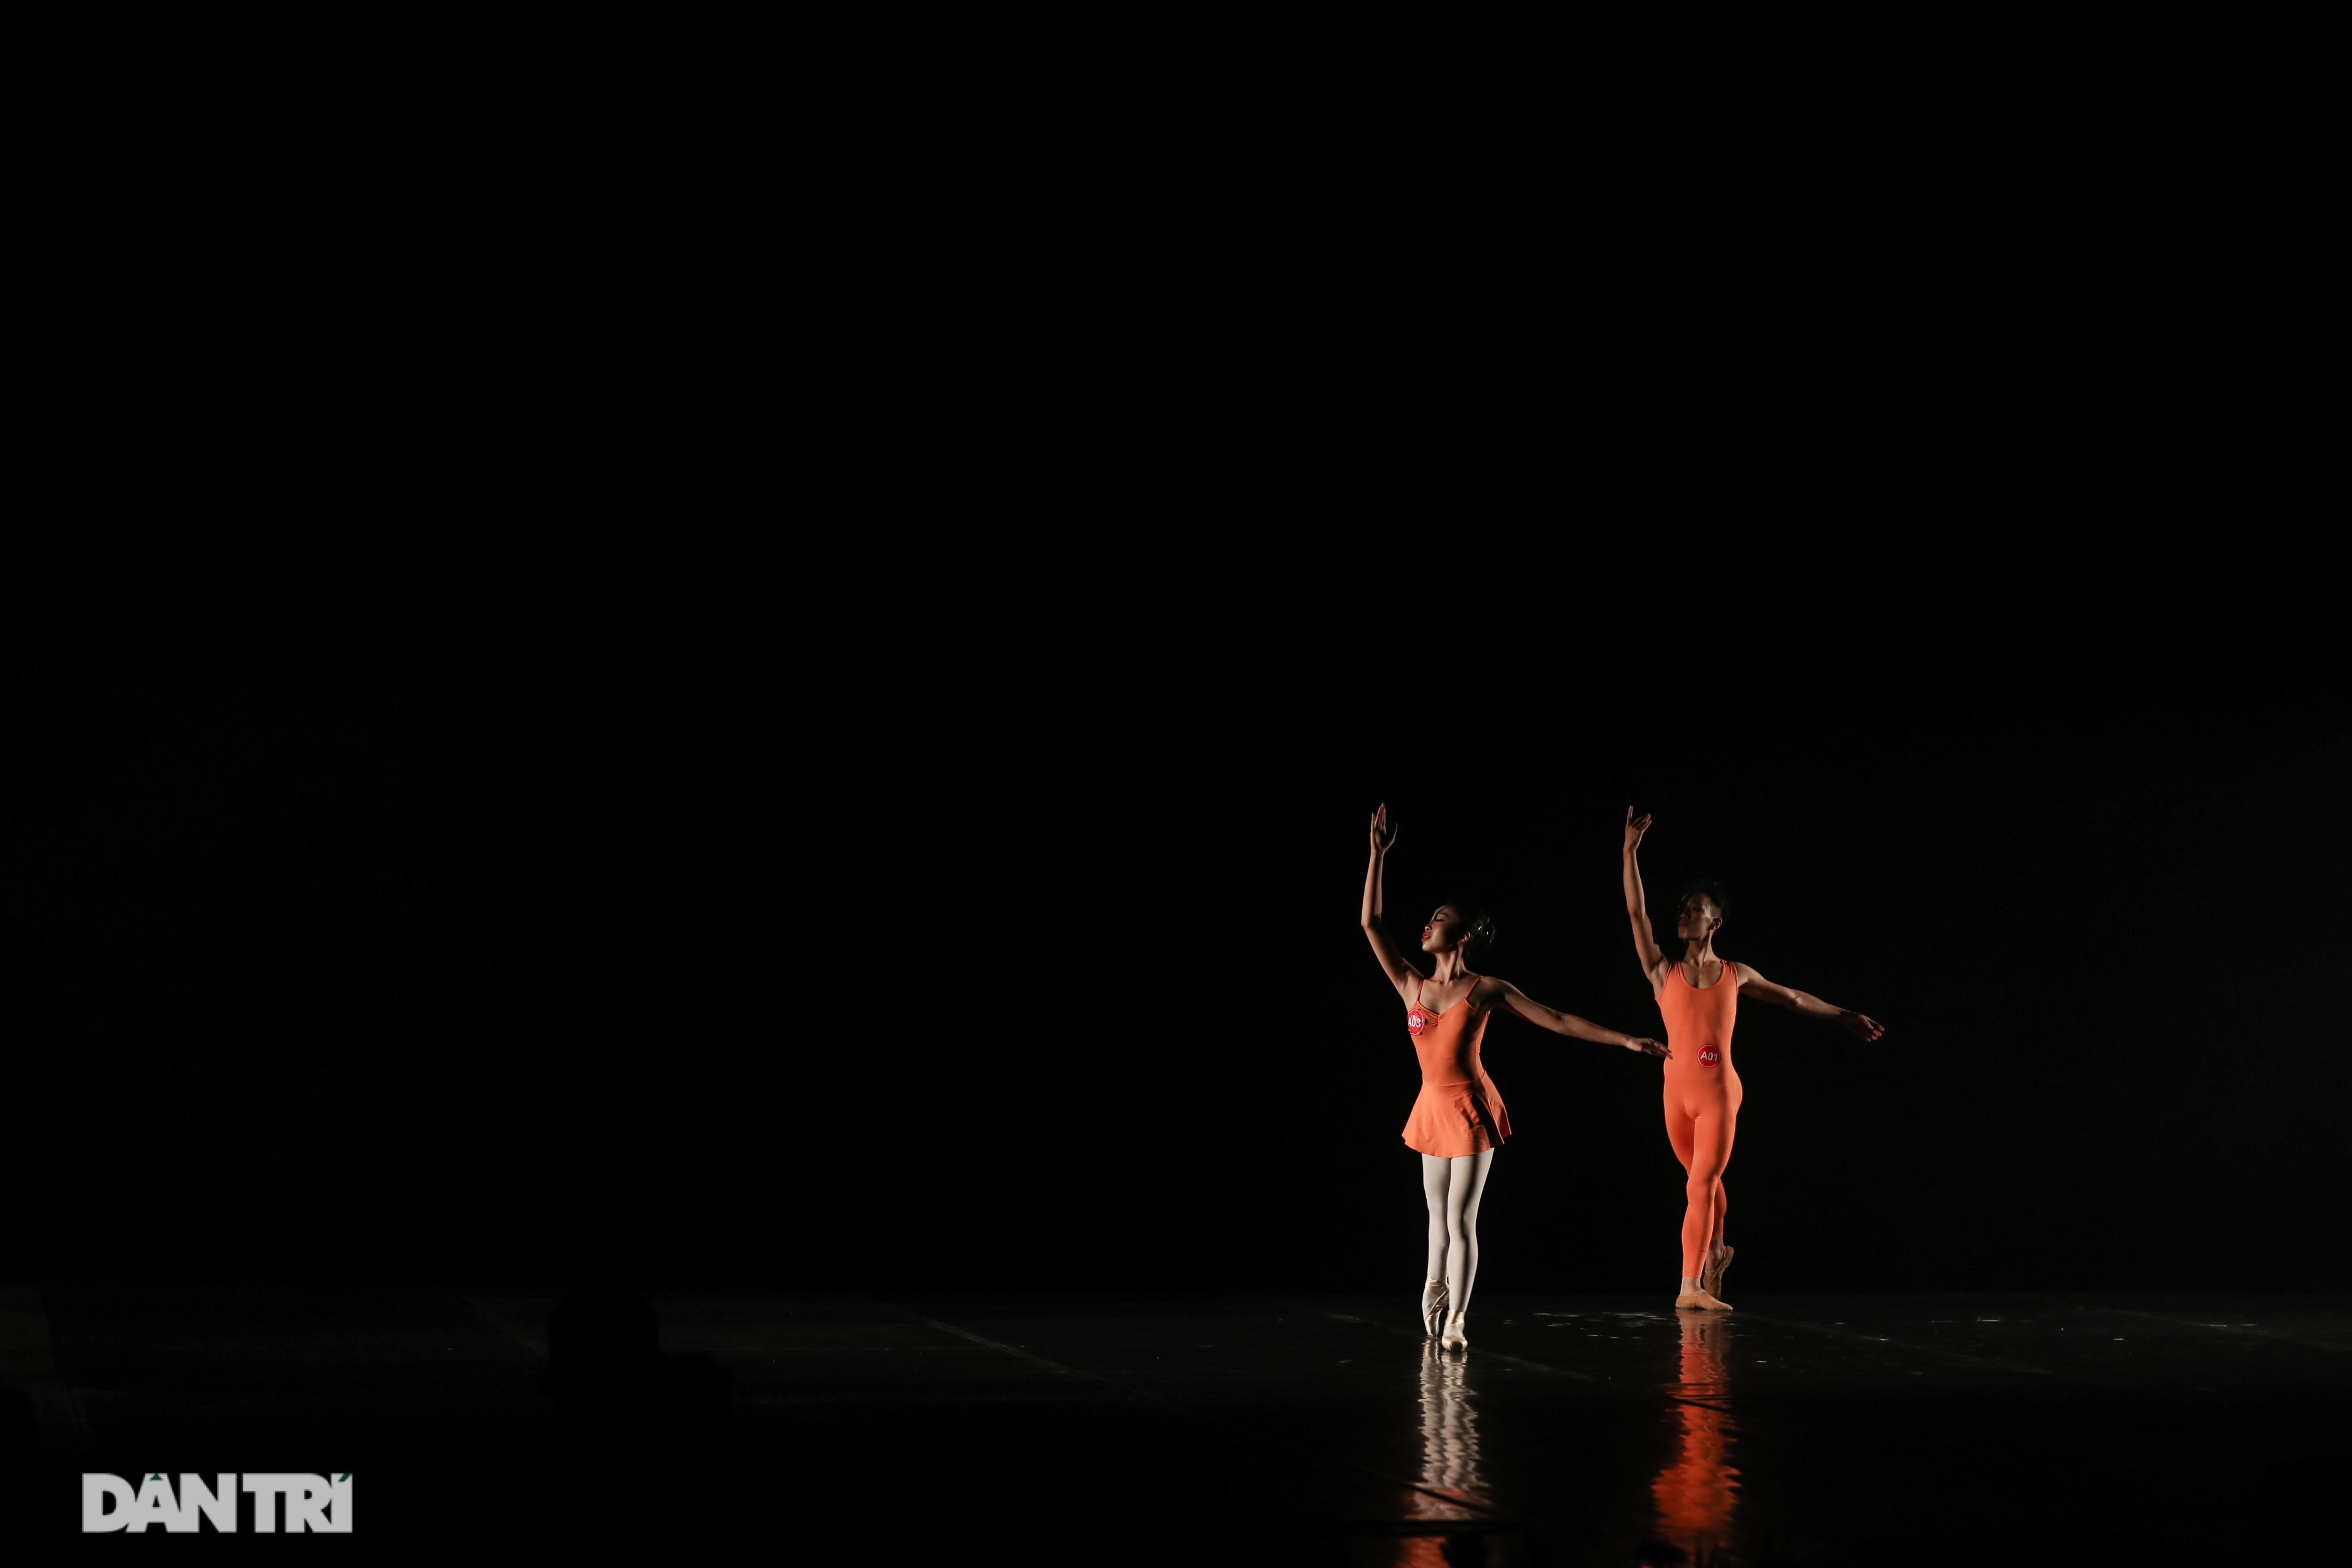 Khoảnh khắc mê hồn tại cuộc thi Tài năng biểu diễn múa - 30